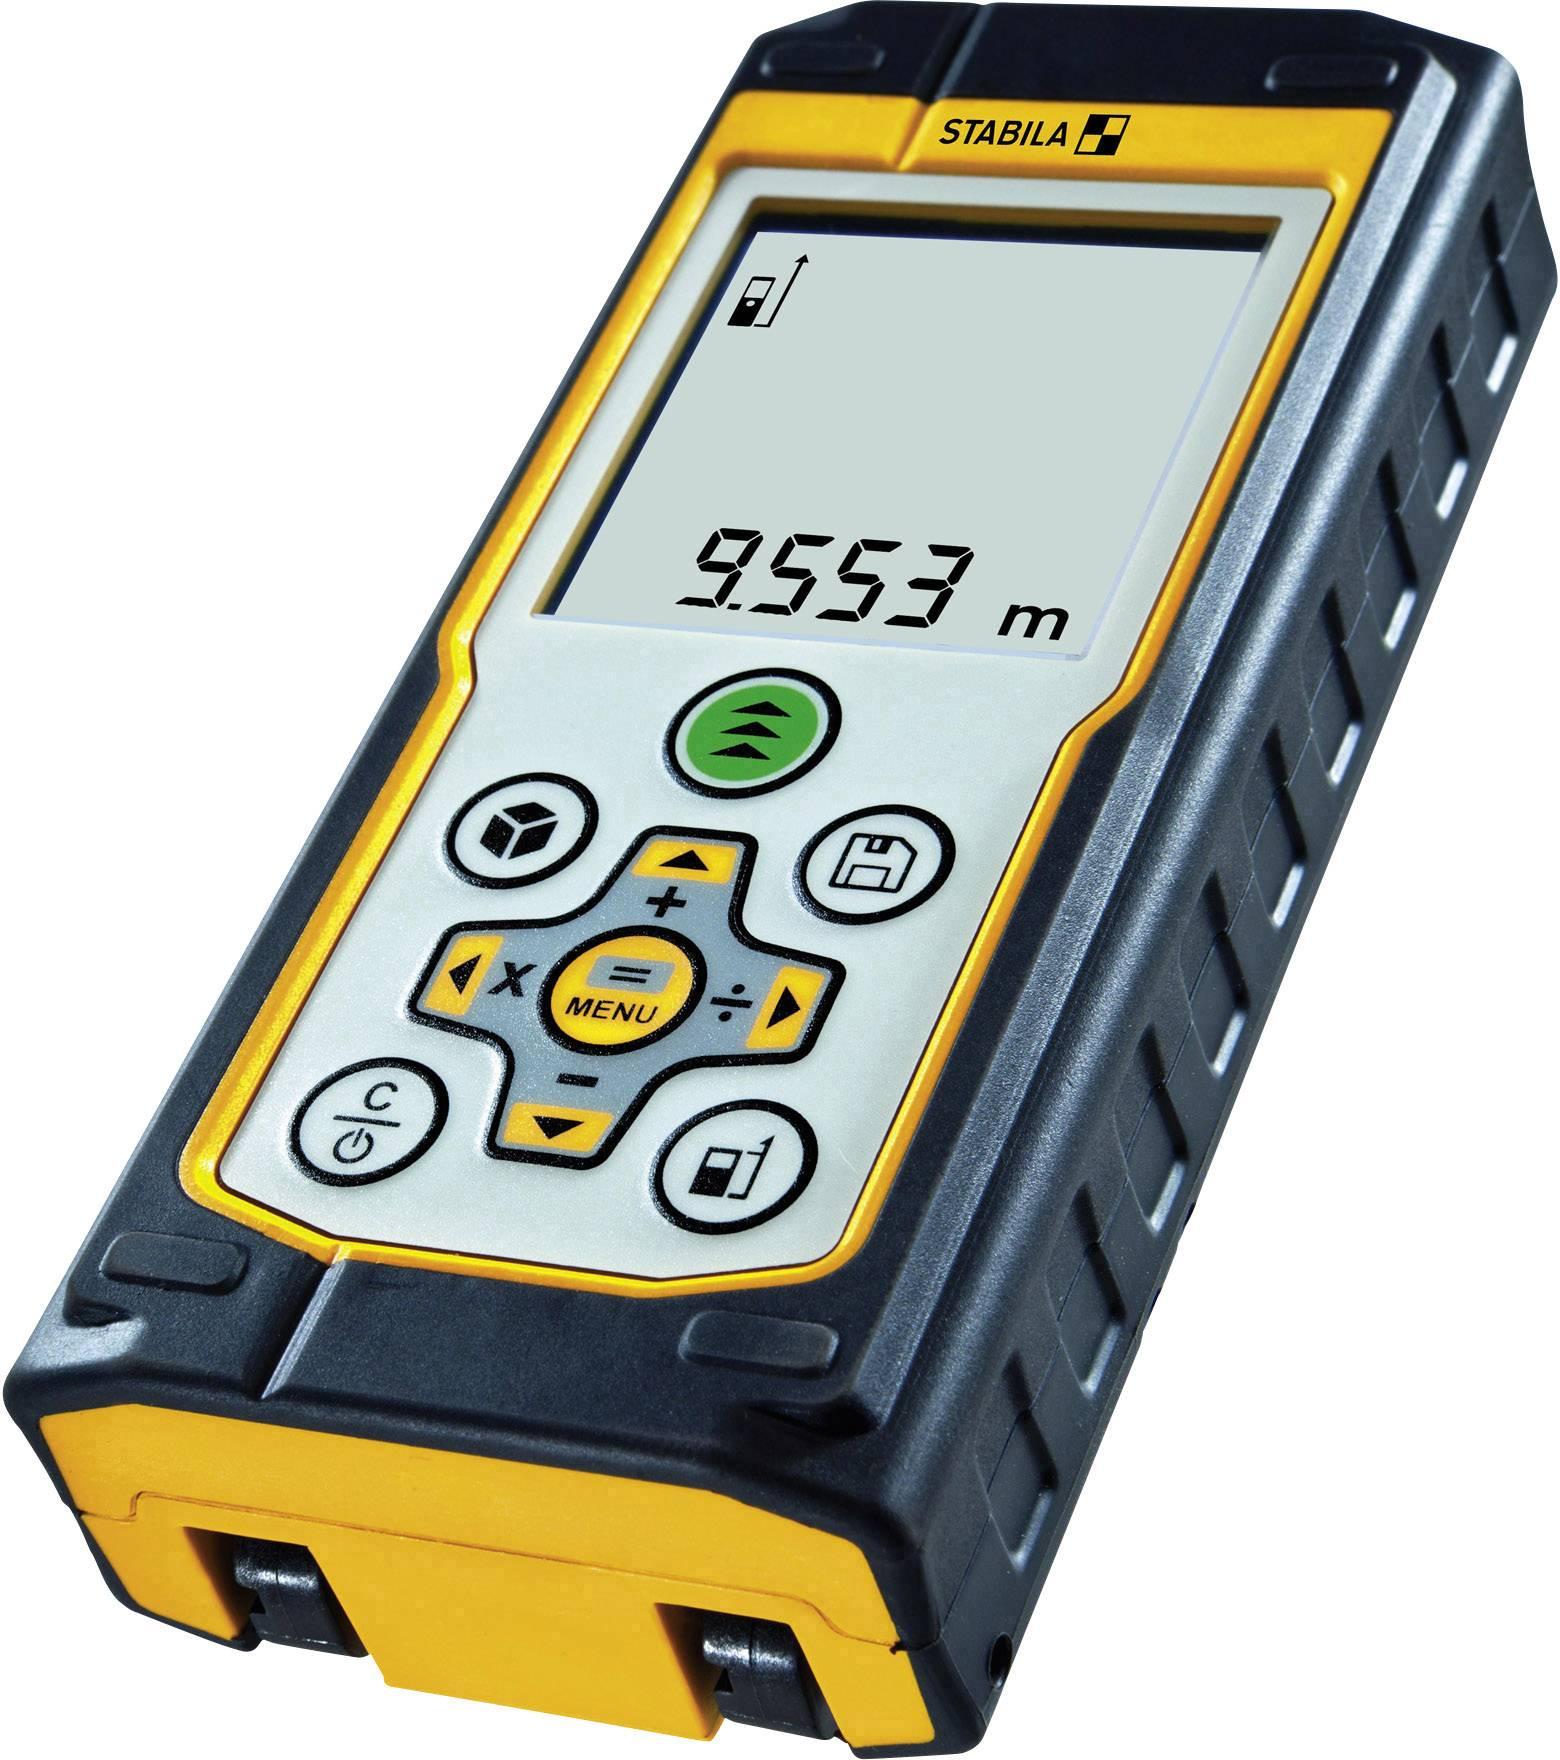 Laserový měřič vzdálenosti Stabila LD420 18378, max. rozsah 80 m